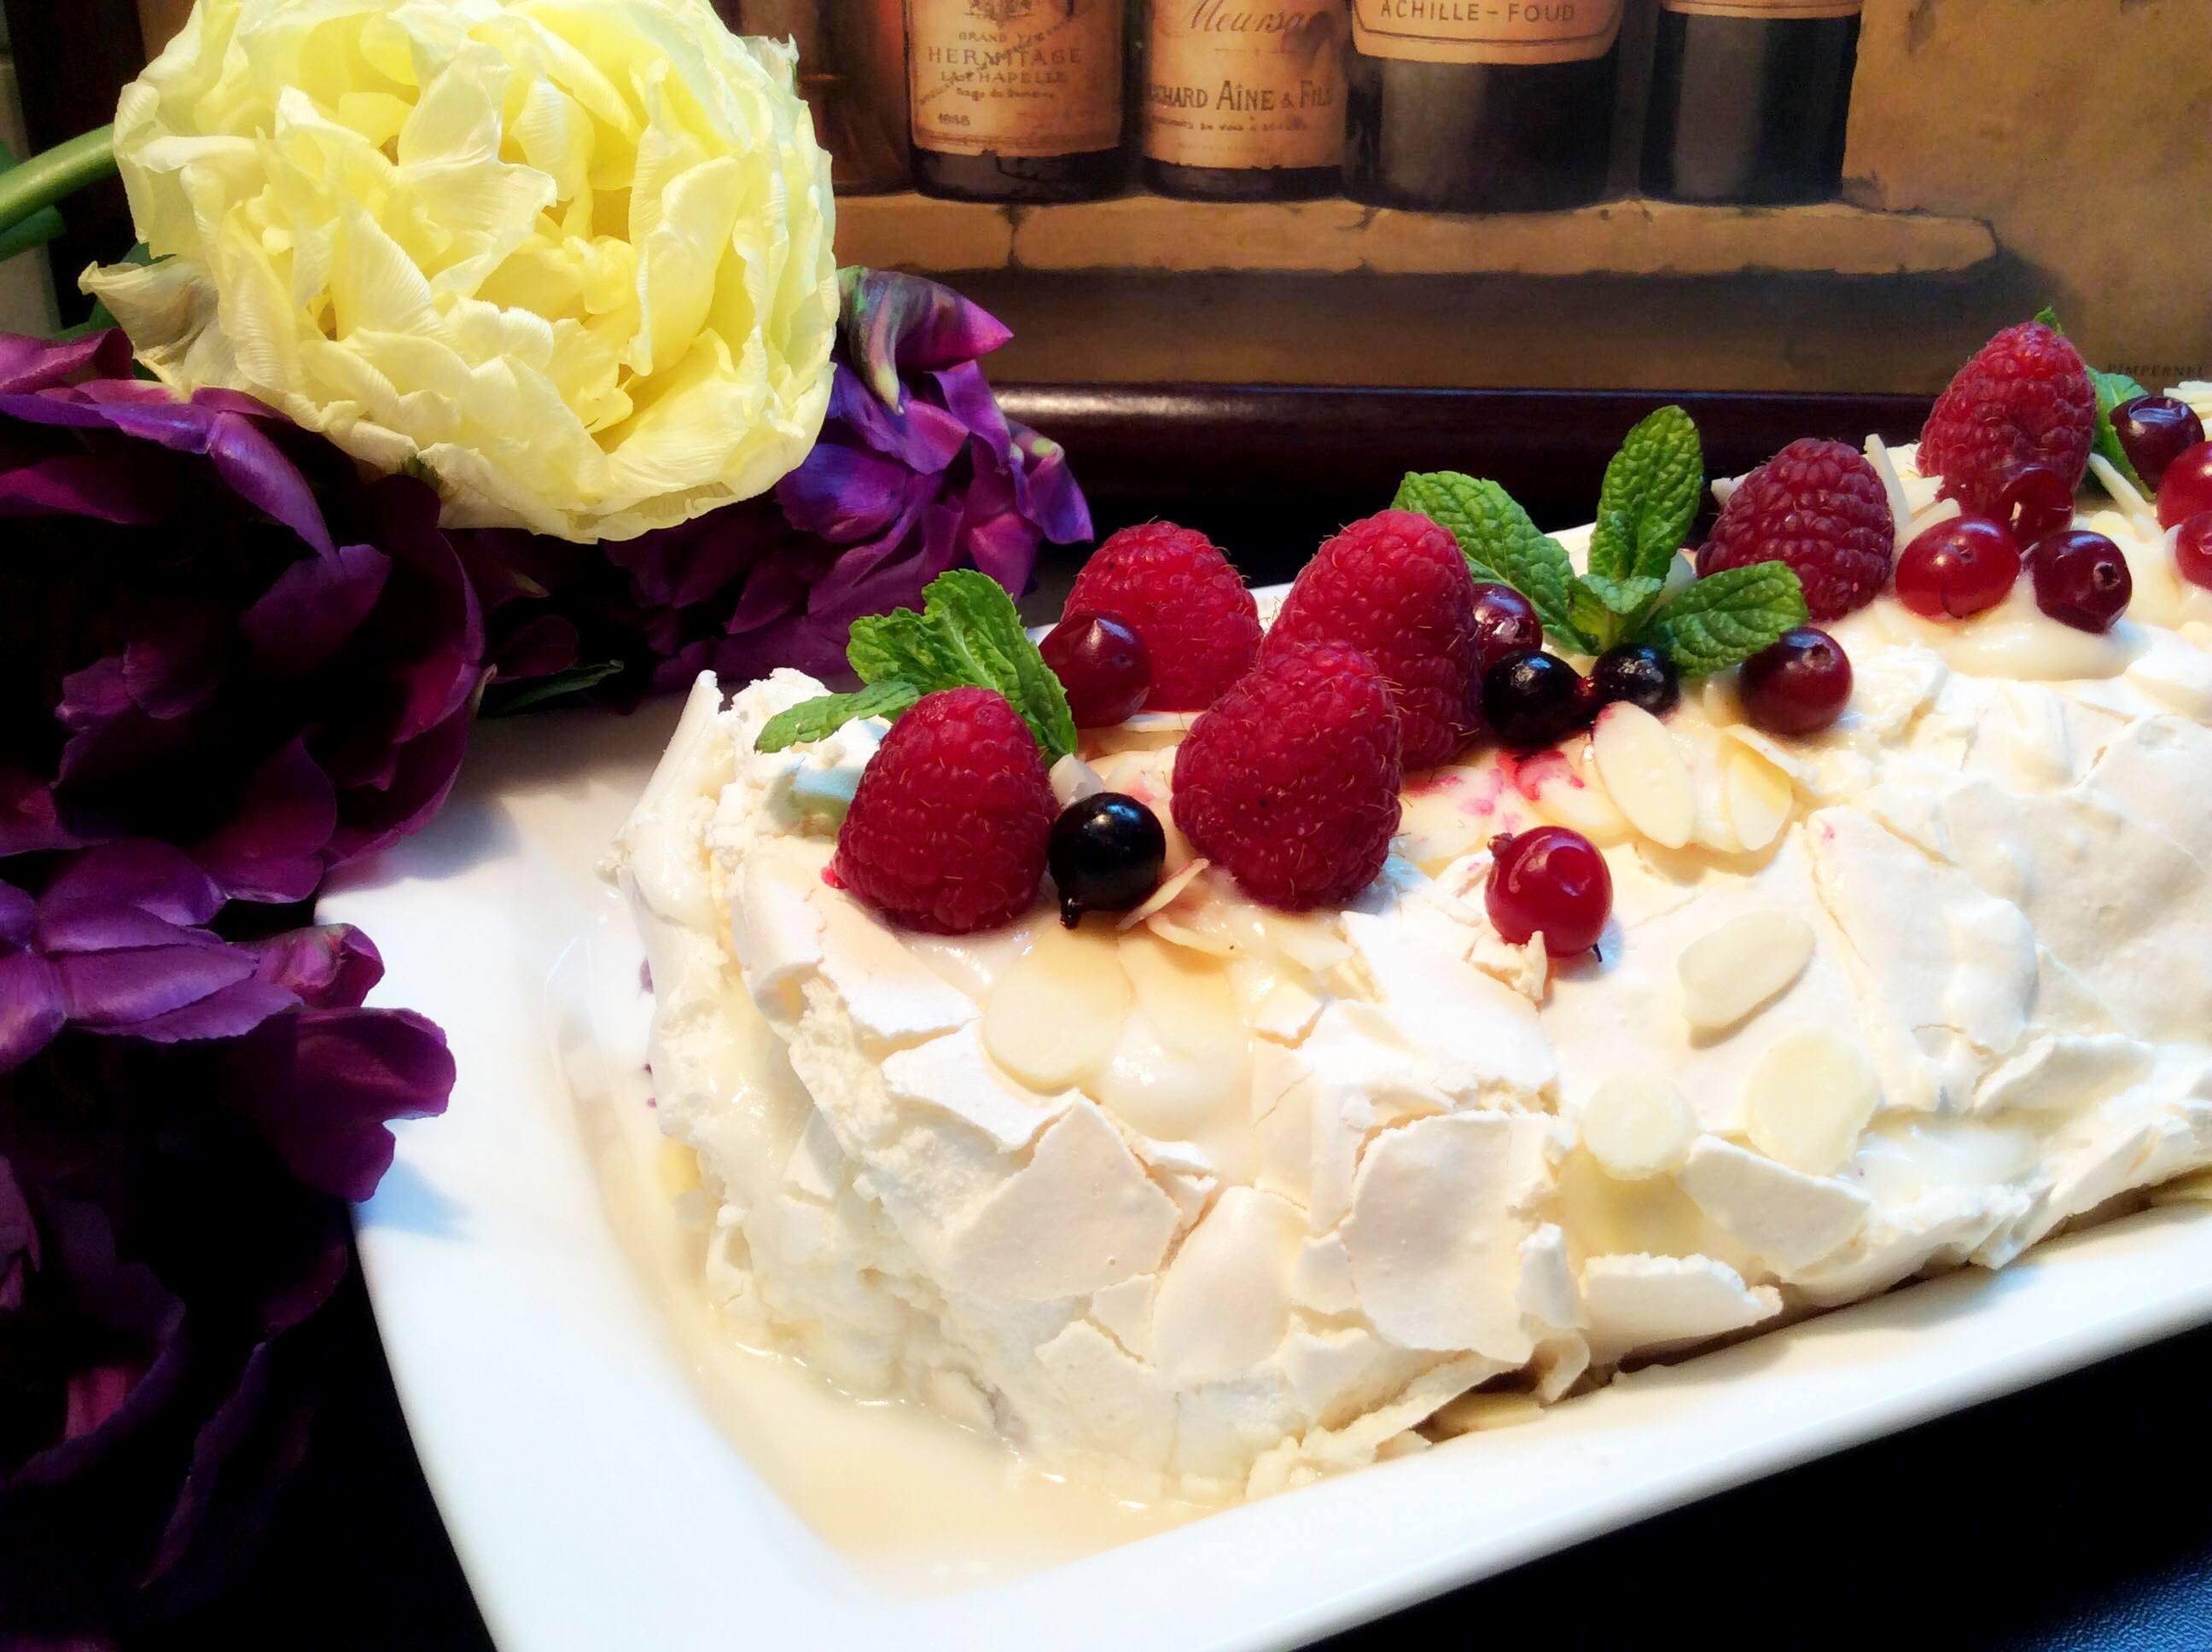 хорошо приручаются десерт павлова классический рецепт с фото пошагово предлагает образовательные проекты